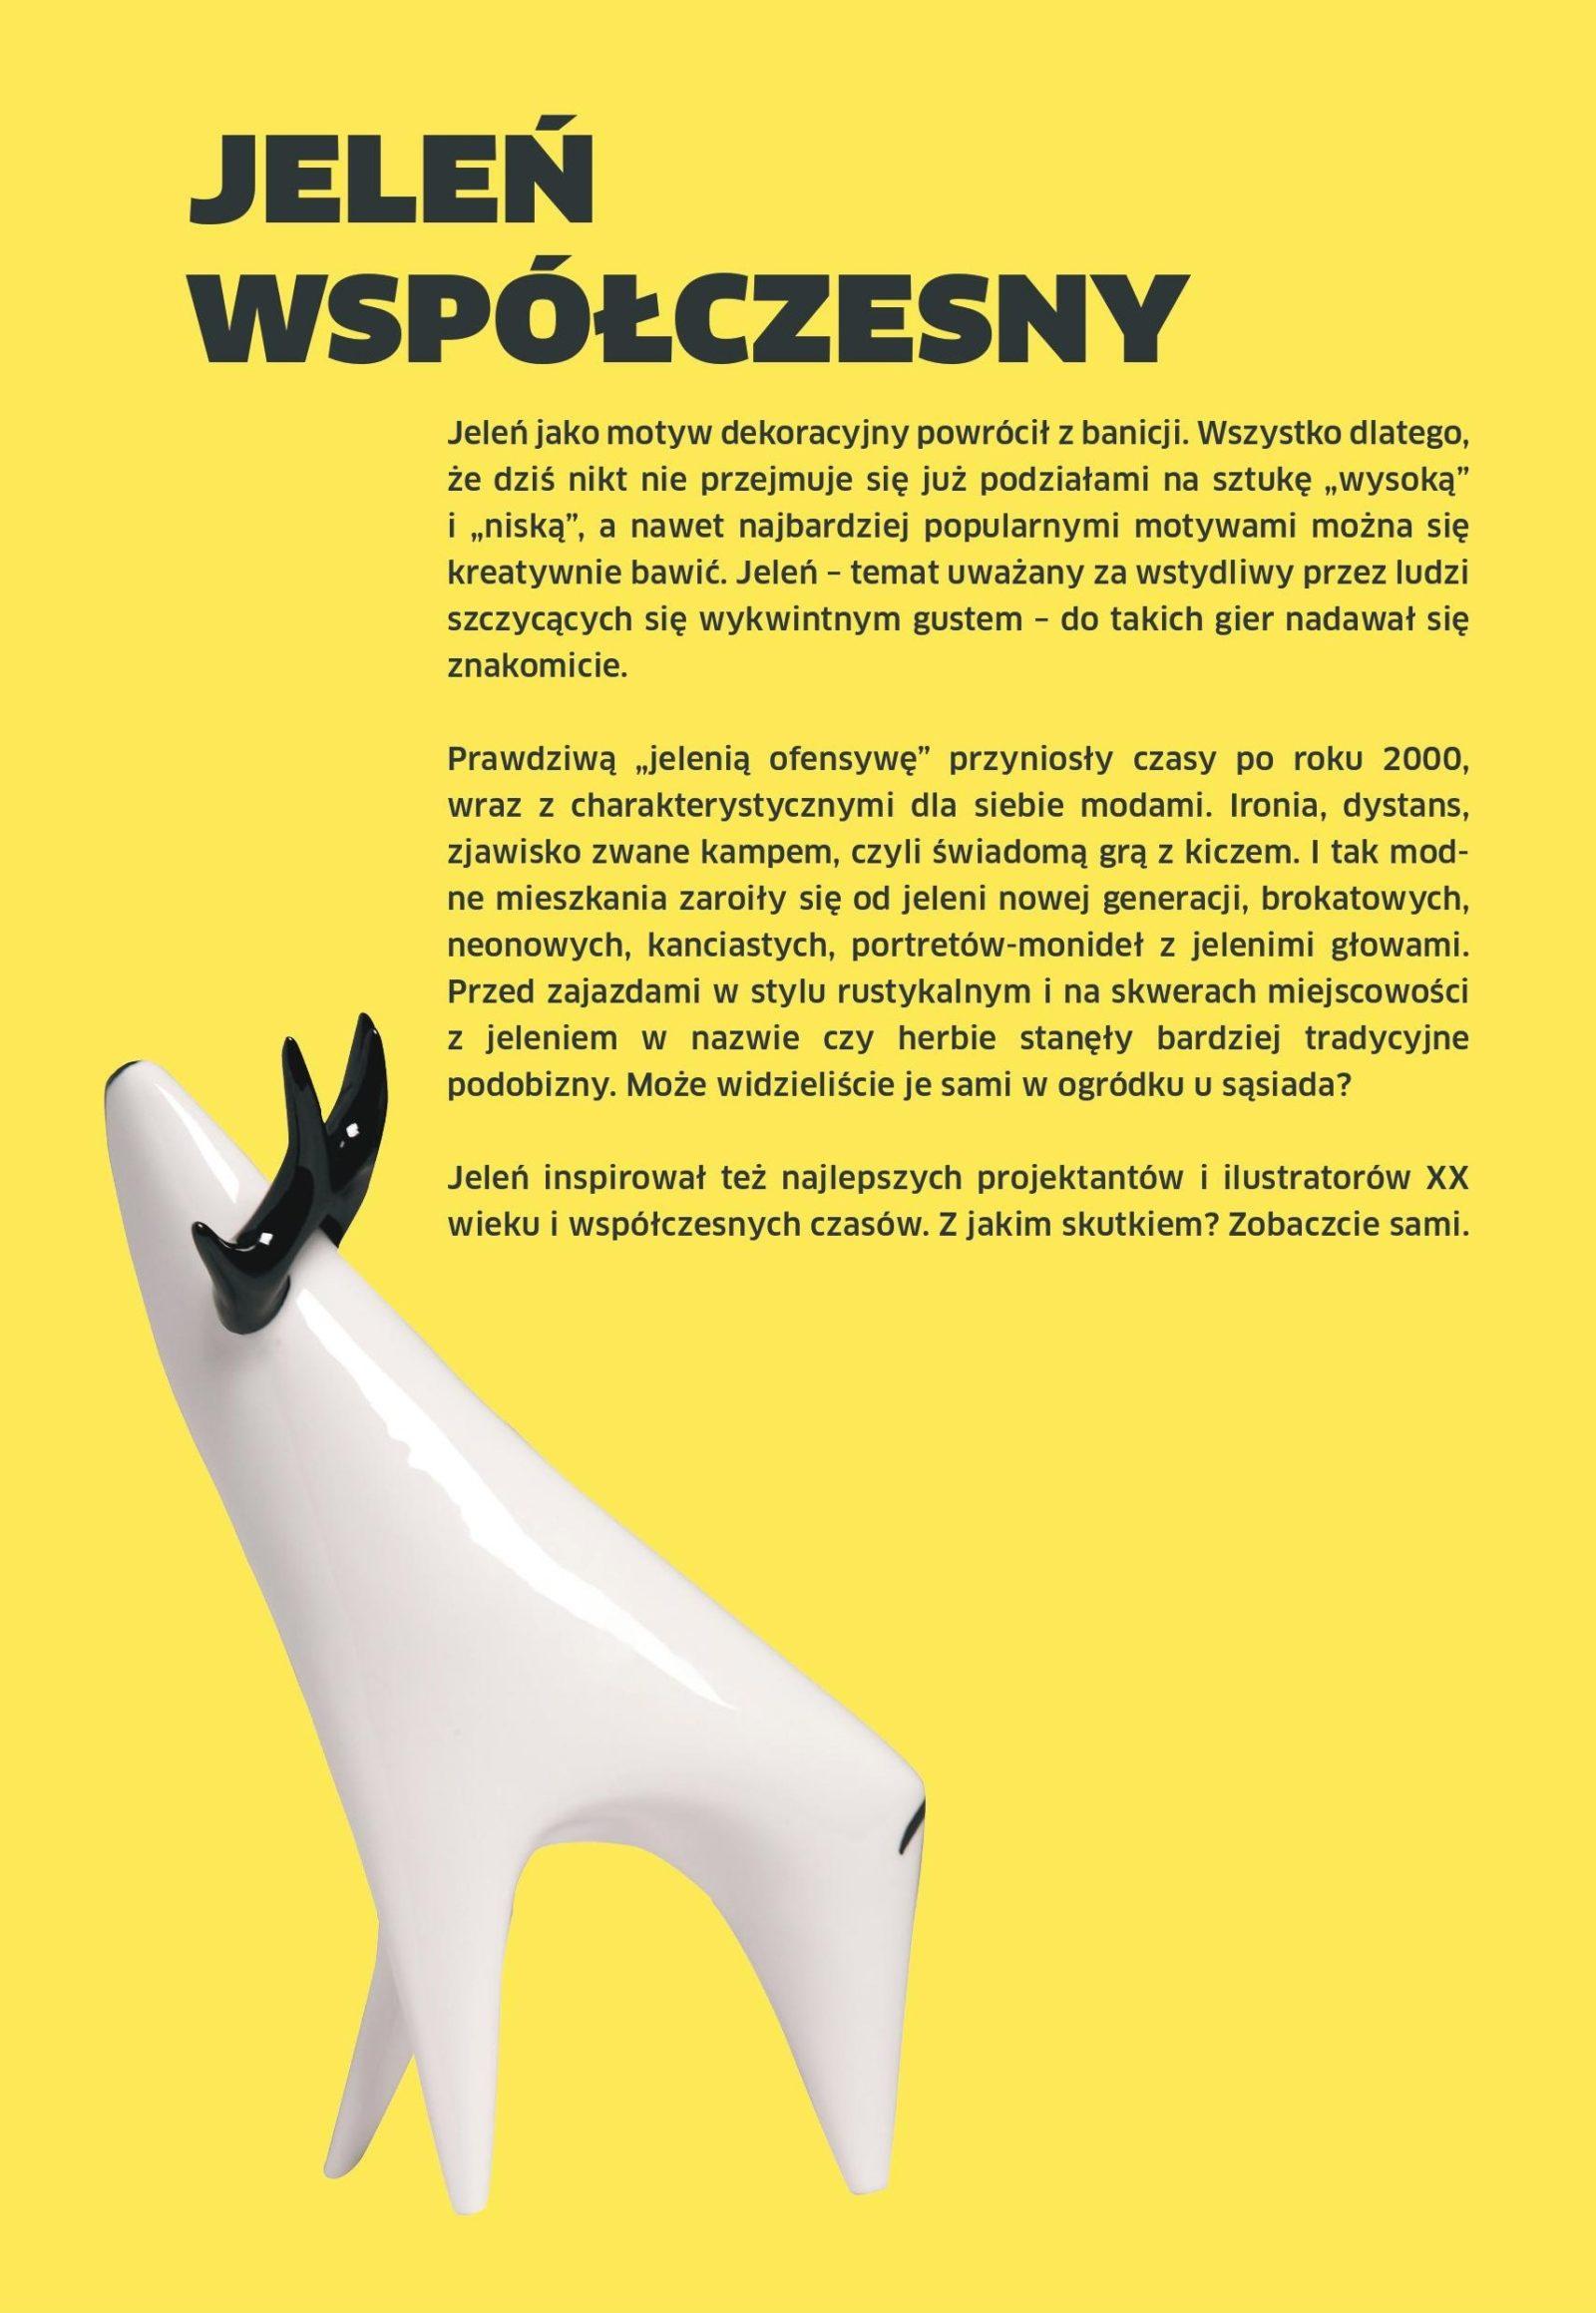 Fragment ulotki zatytułowanej: Jeleń współczesny. Żółte tło, obok tekstu zdjęcie białej porcelanowej figurki jelenia o uproszczonym, zgeometryzowanym kształcie.